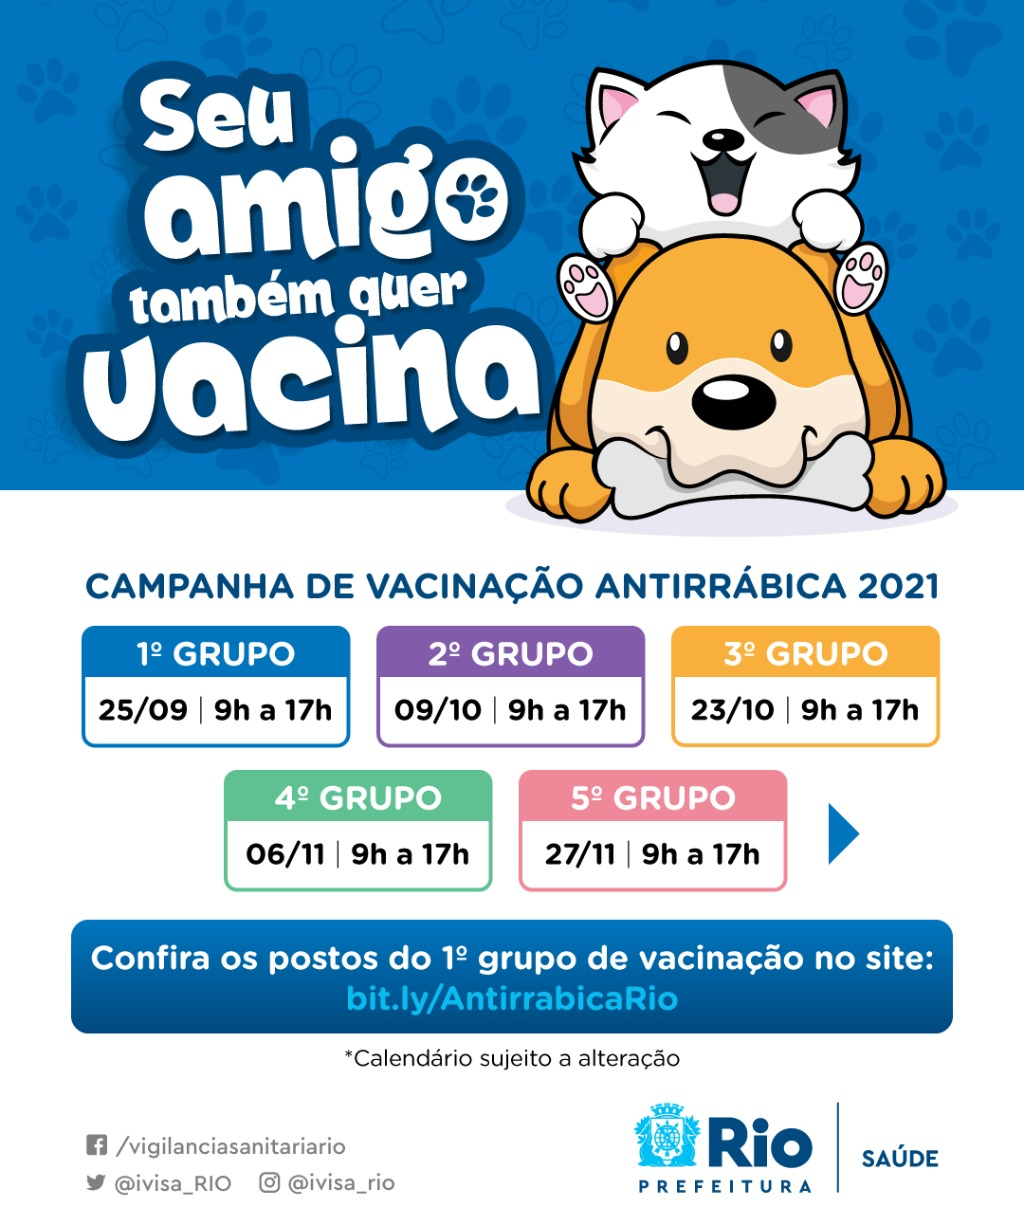 Campanha de vacinação antirrábica começa no Rio para cães e gatos